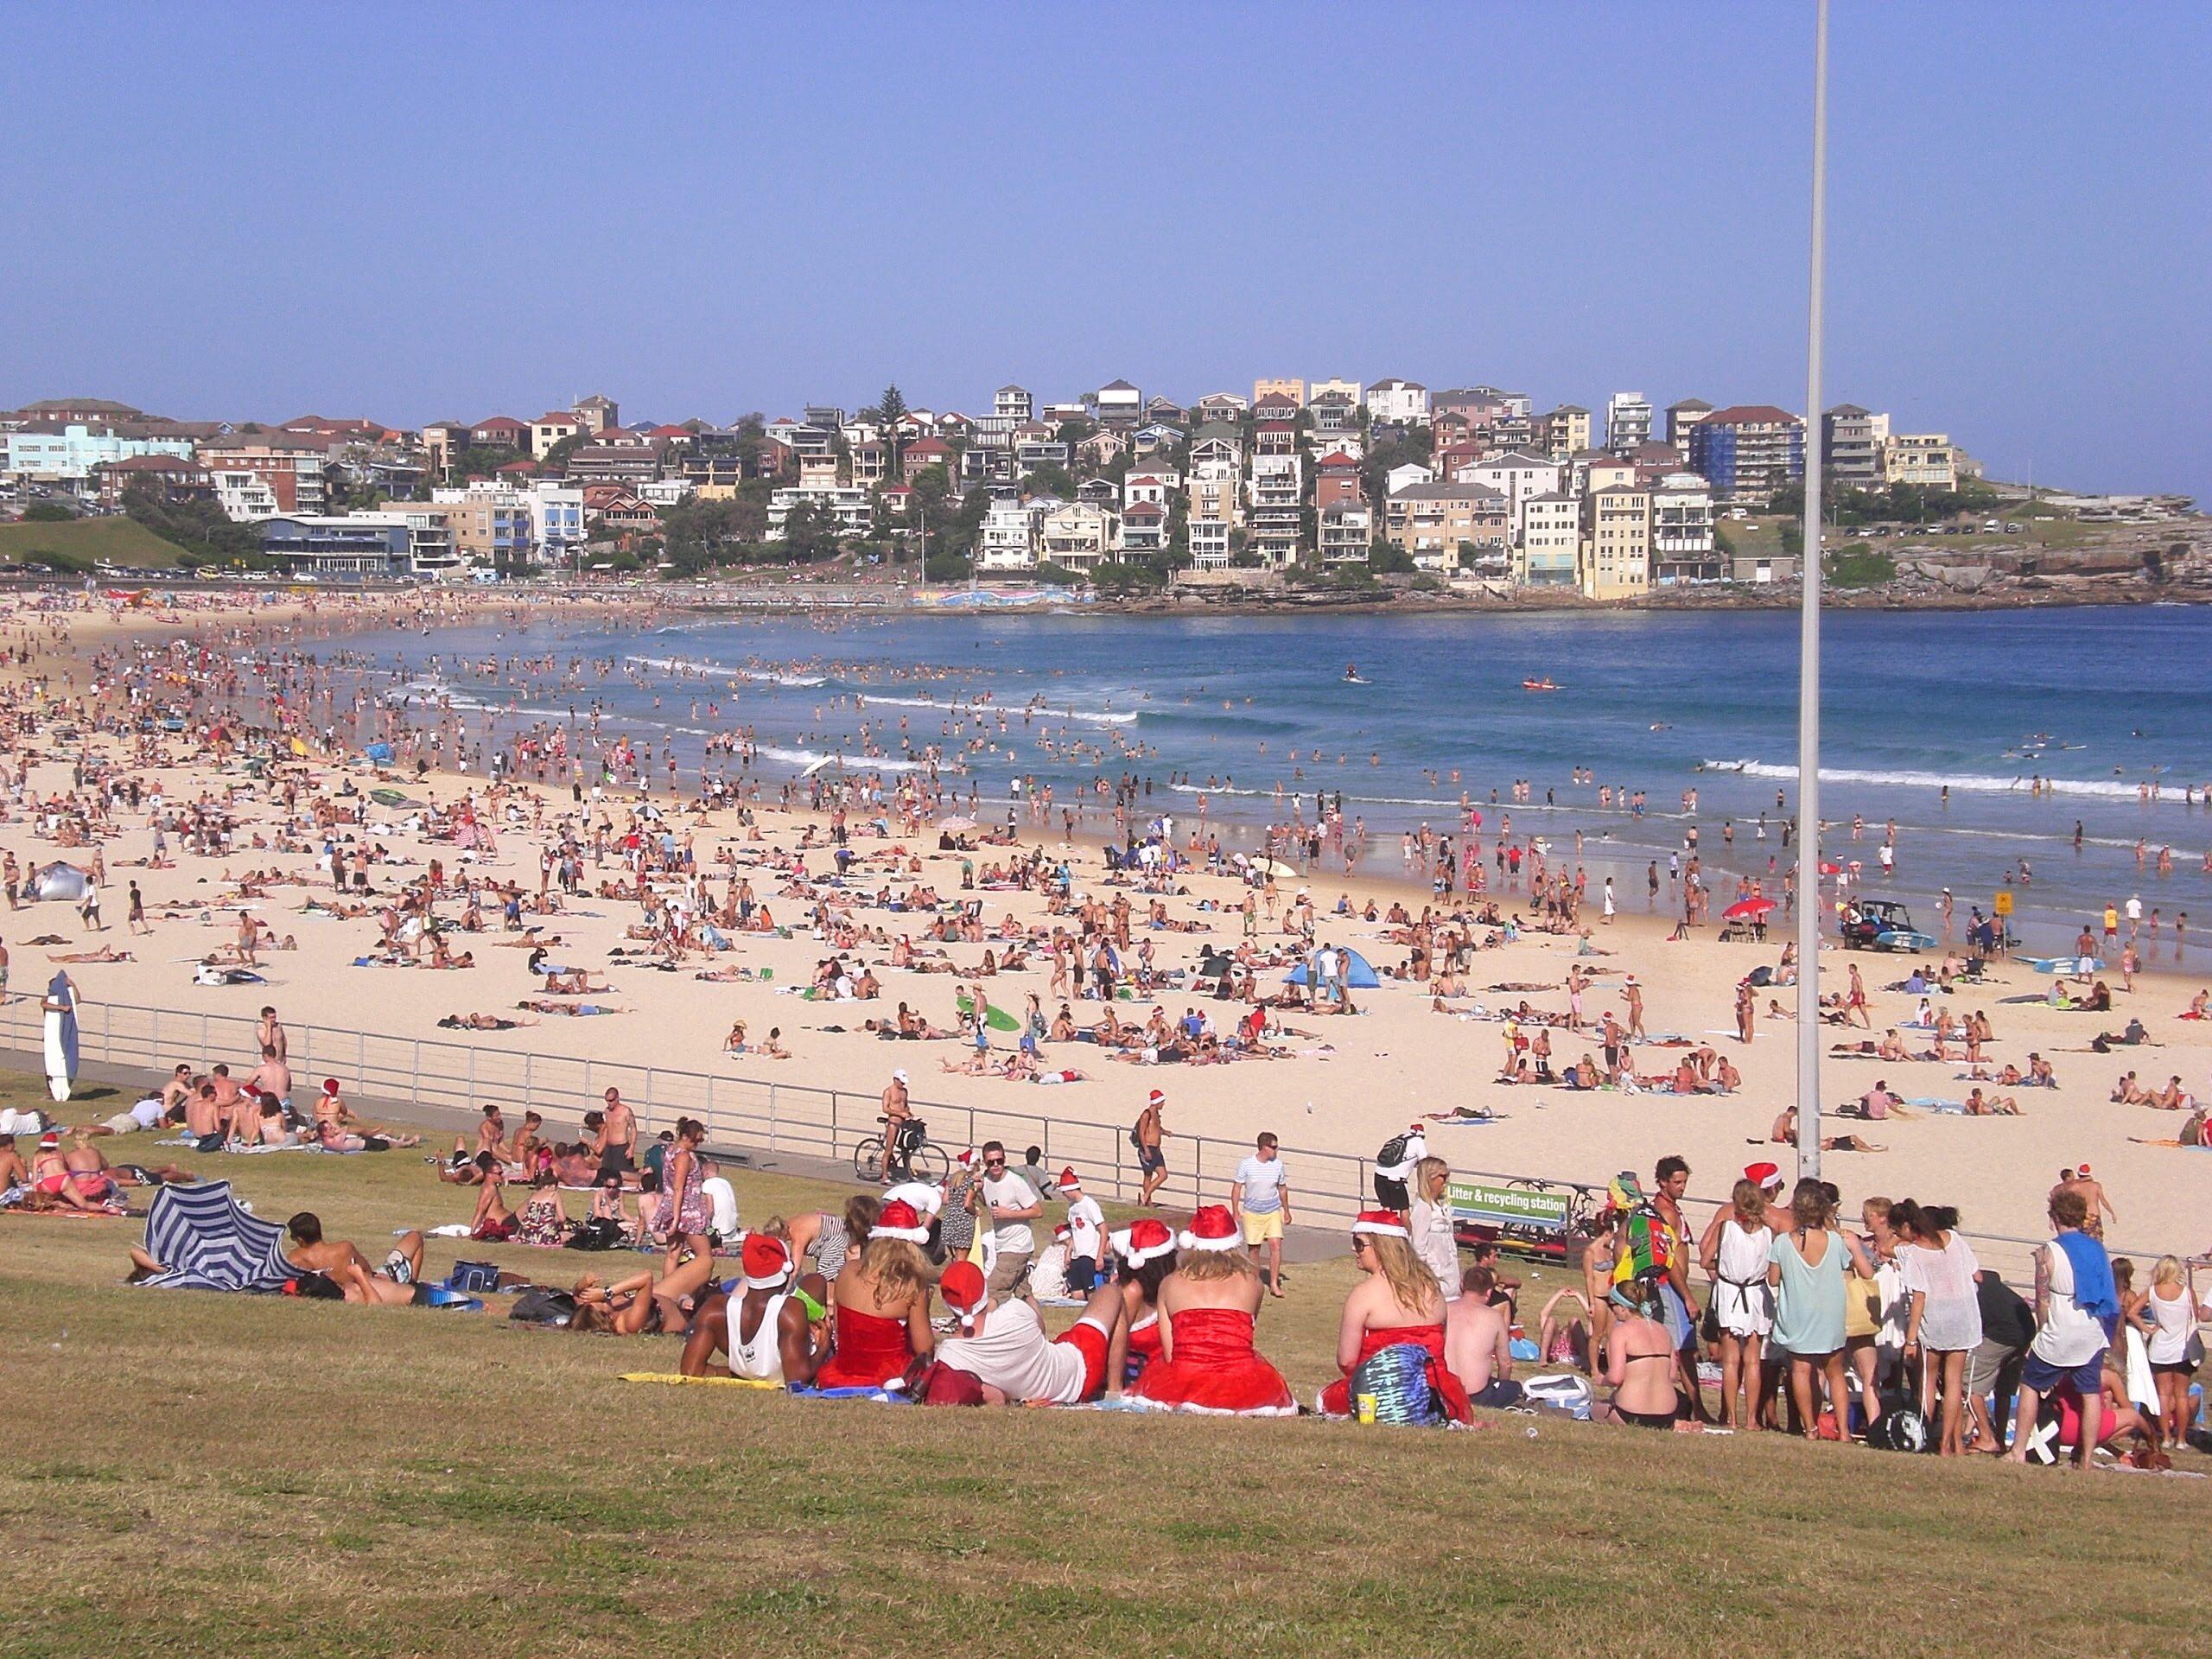 南半球オーストラリアの真夏のクリスマスの過ごし方